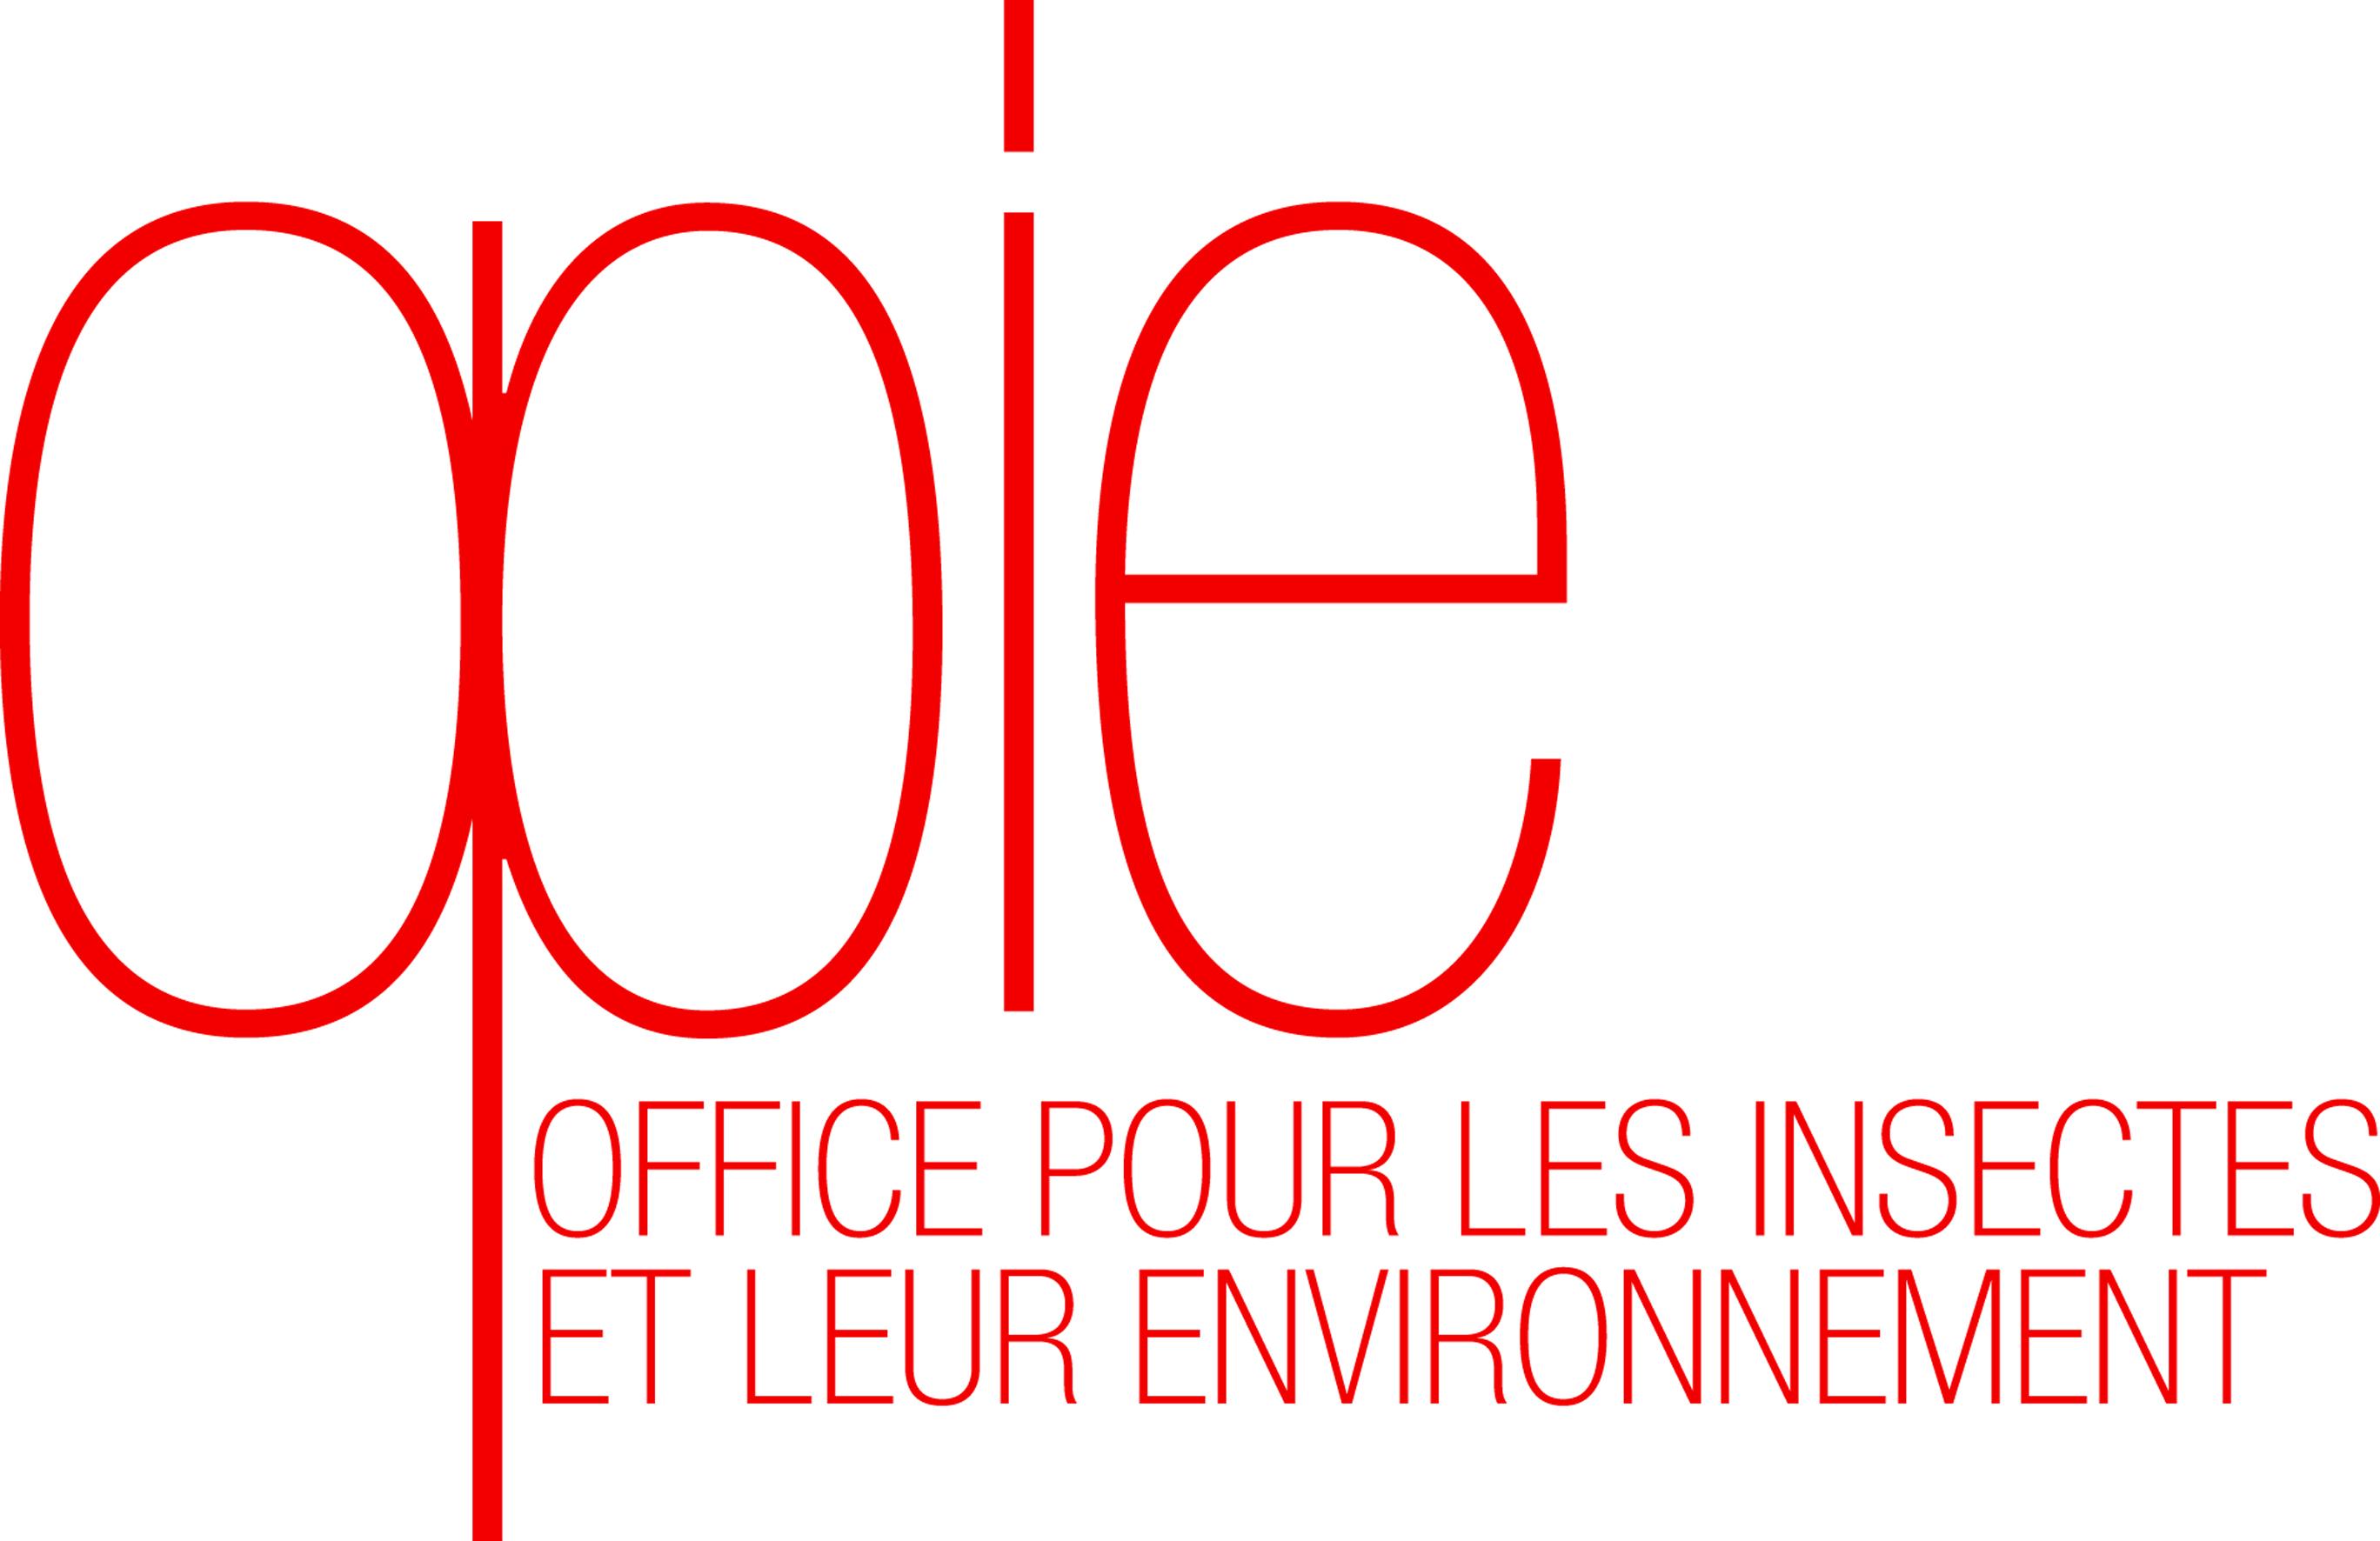 logo Office pour les insectes et leur environnement